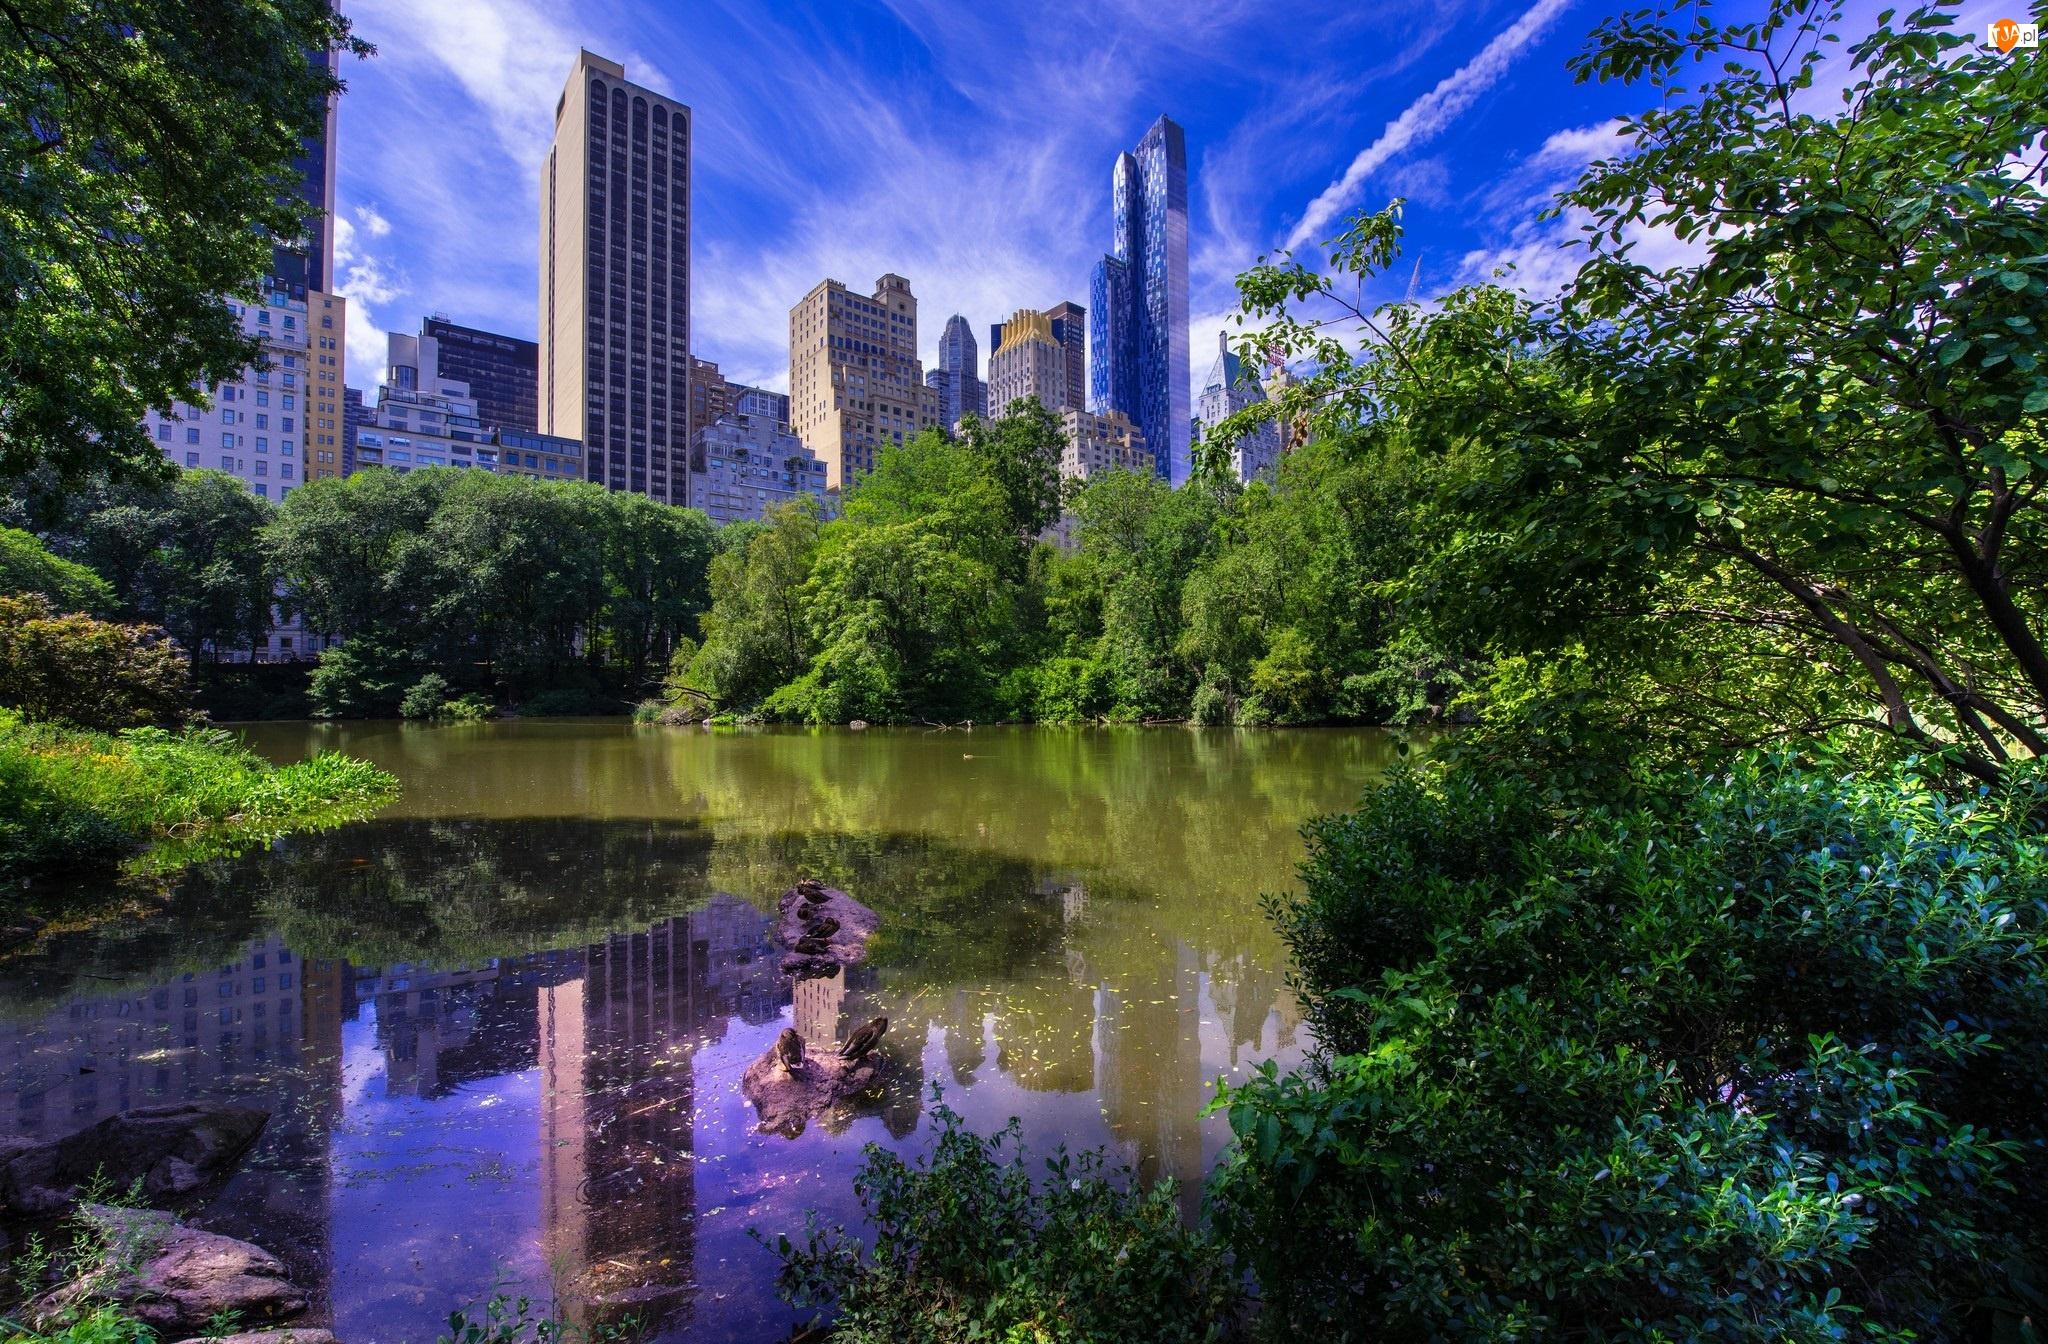 Nowy Jork, Dzielnica Manhattan, Drzewa, Stany Zjednoczone, Drapacze chmur, Staw, Park miejski Central Park